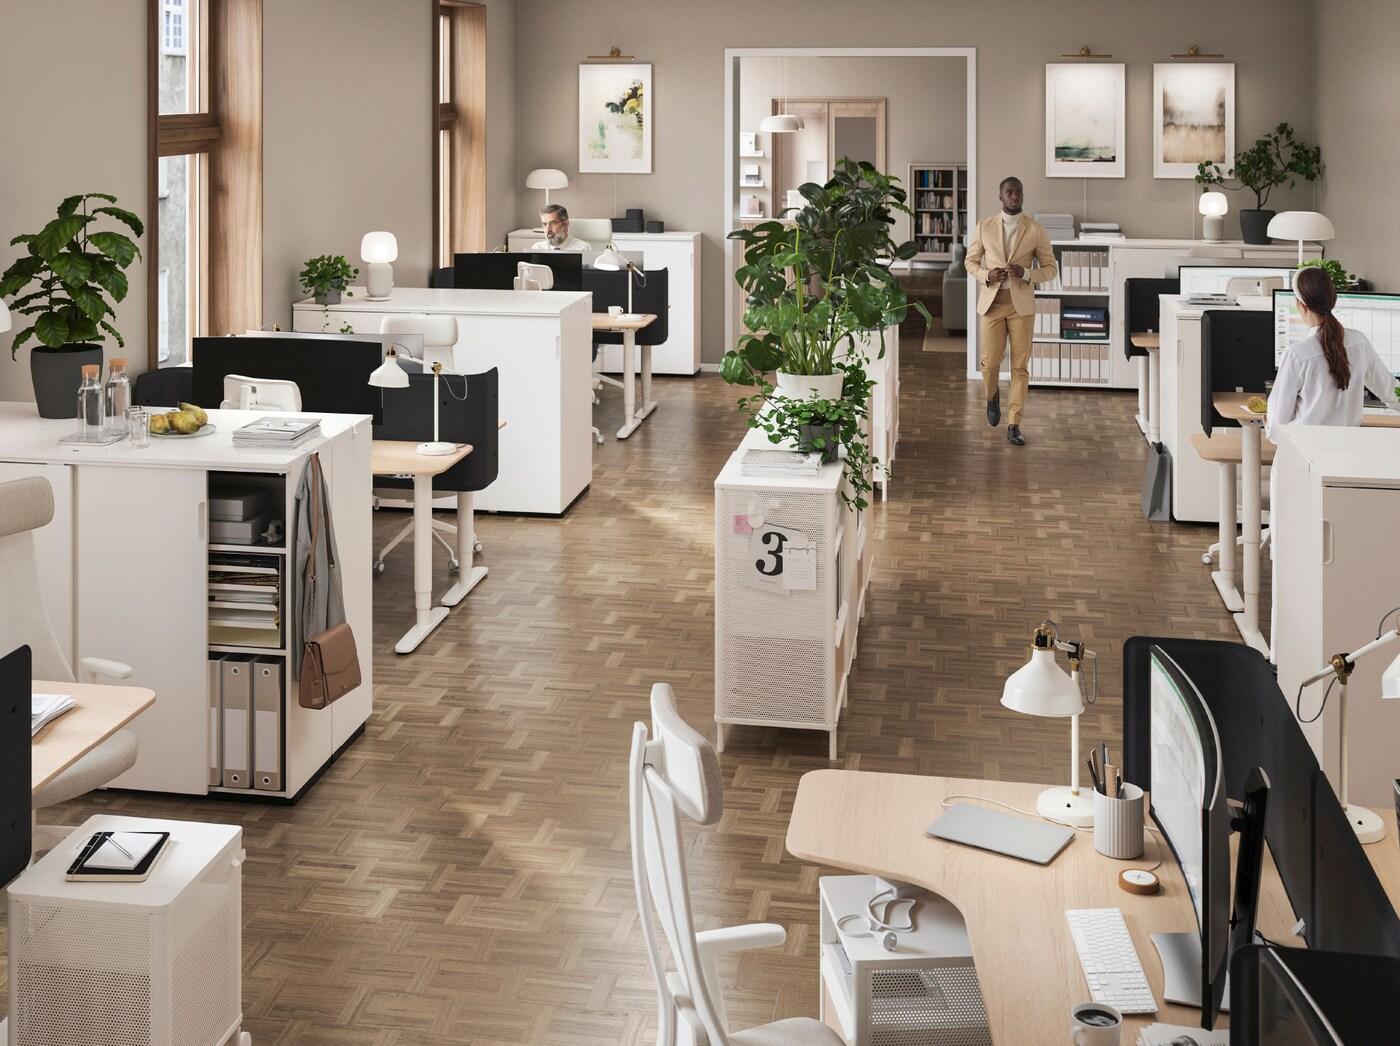 Офис с открытой планировкой с рабочими местами по периметру и стеллажами в центре помещения. На стеллажах стоят цветы в кашпо, на краю каждого стола дополнительный источник света.